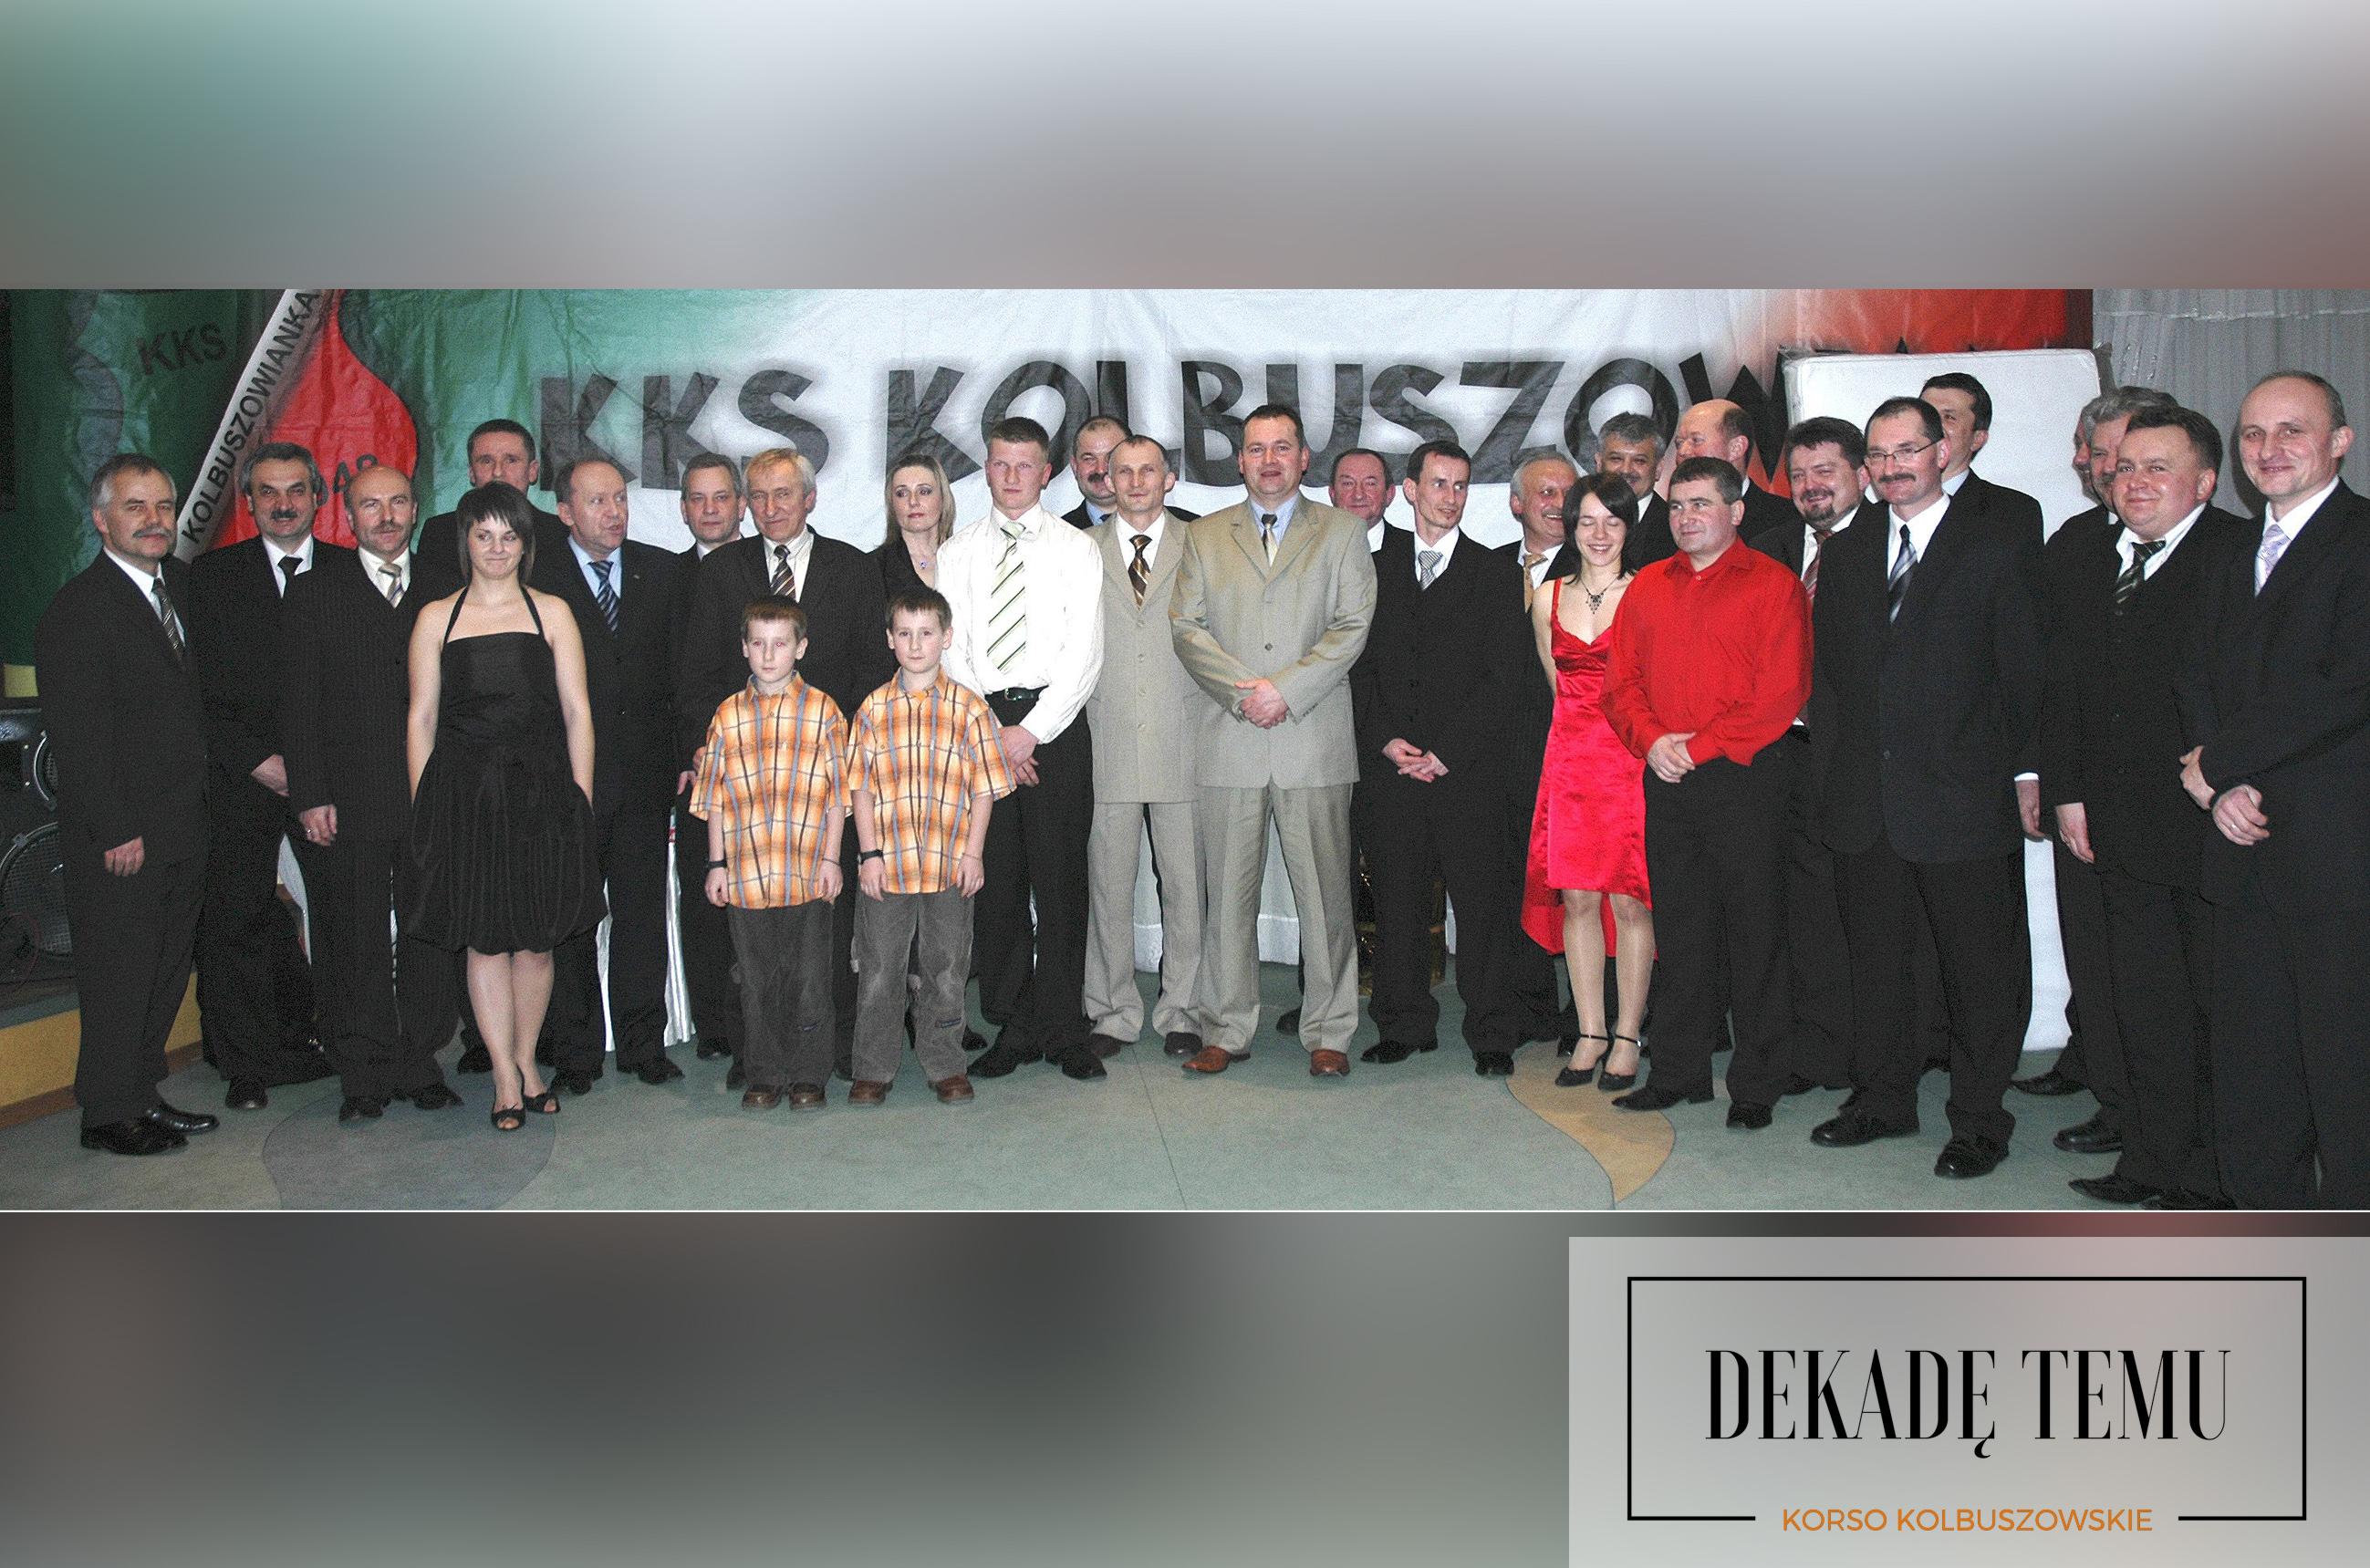 [DEKADĘ TEMU] Bal Sportowca Roku 2007 - Kolbuszowa - Zdjęcie główne